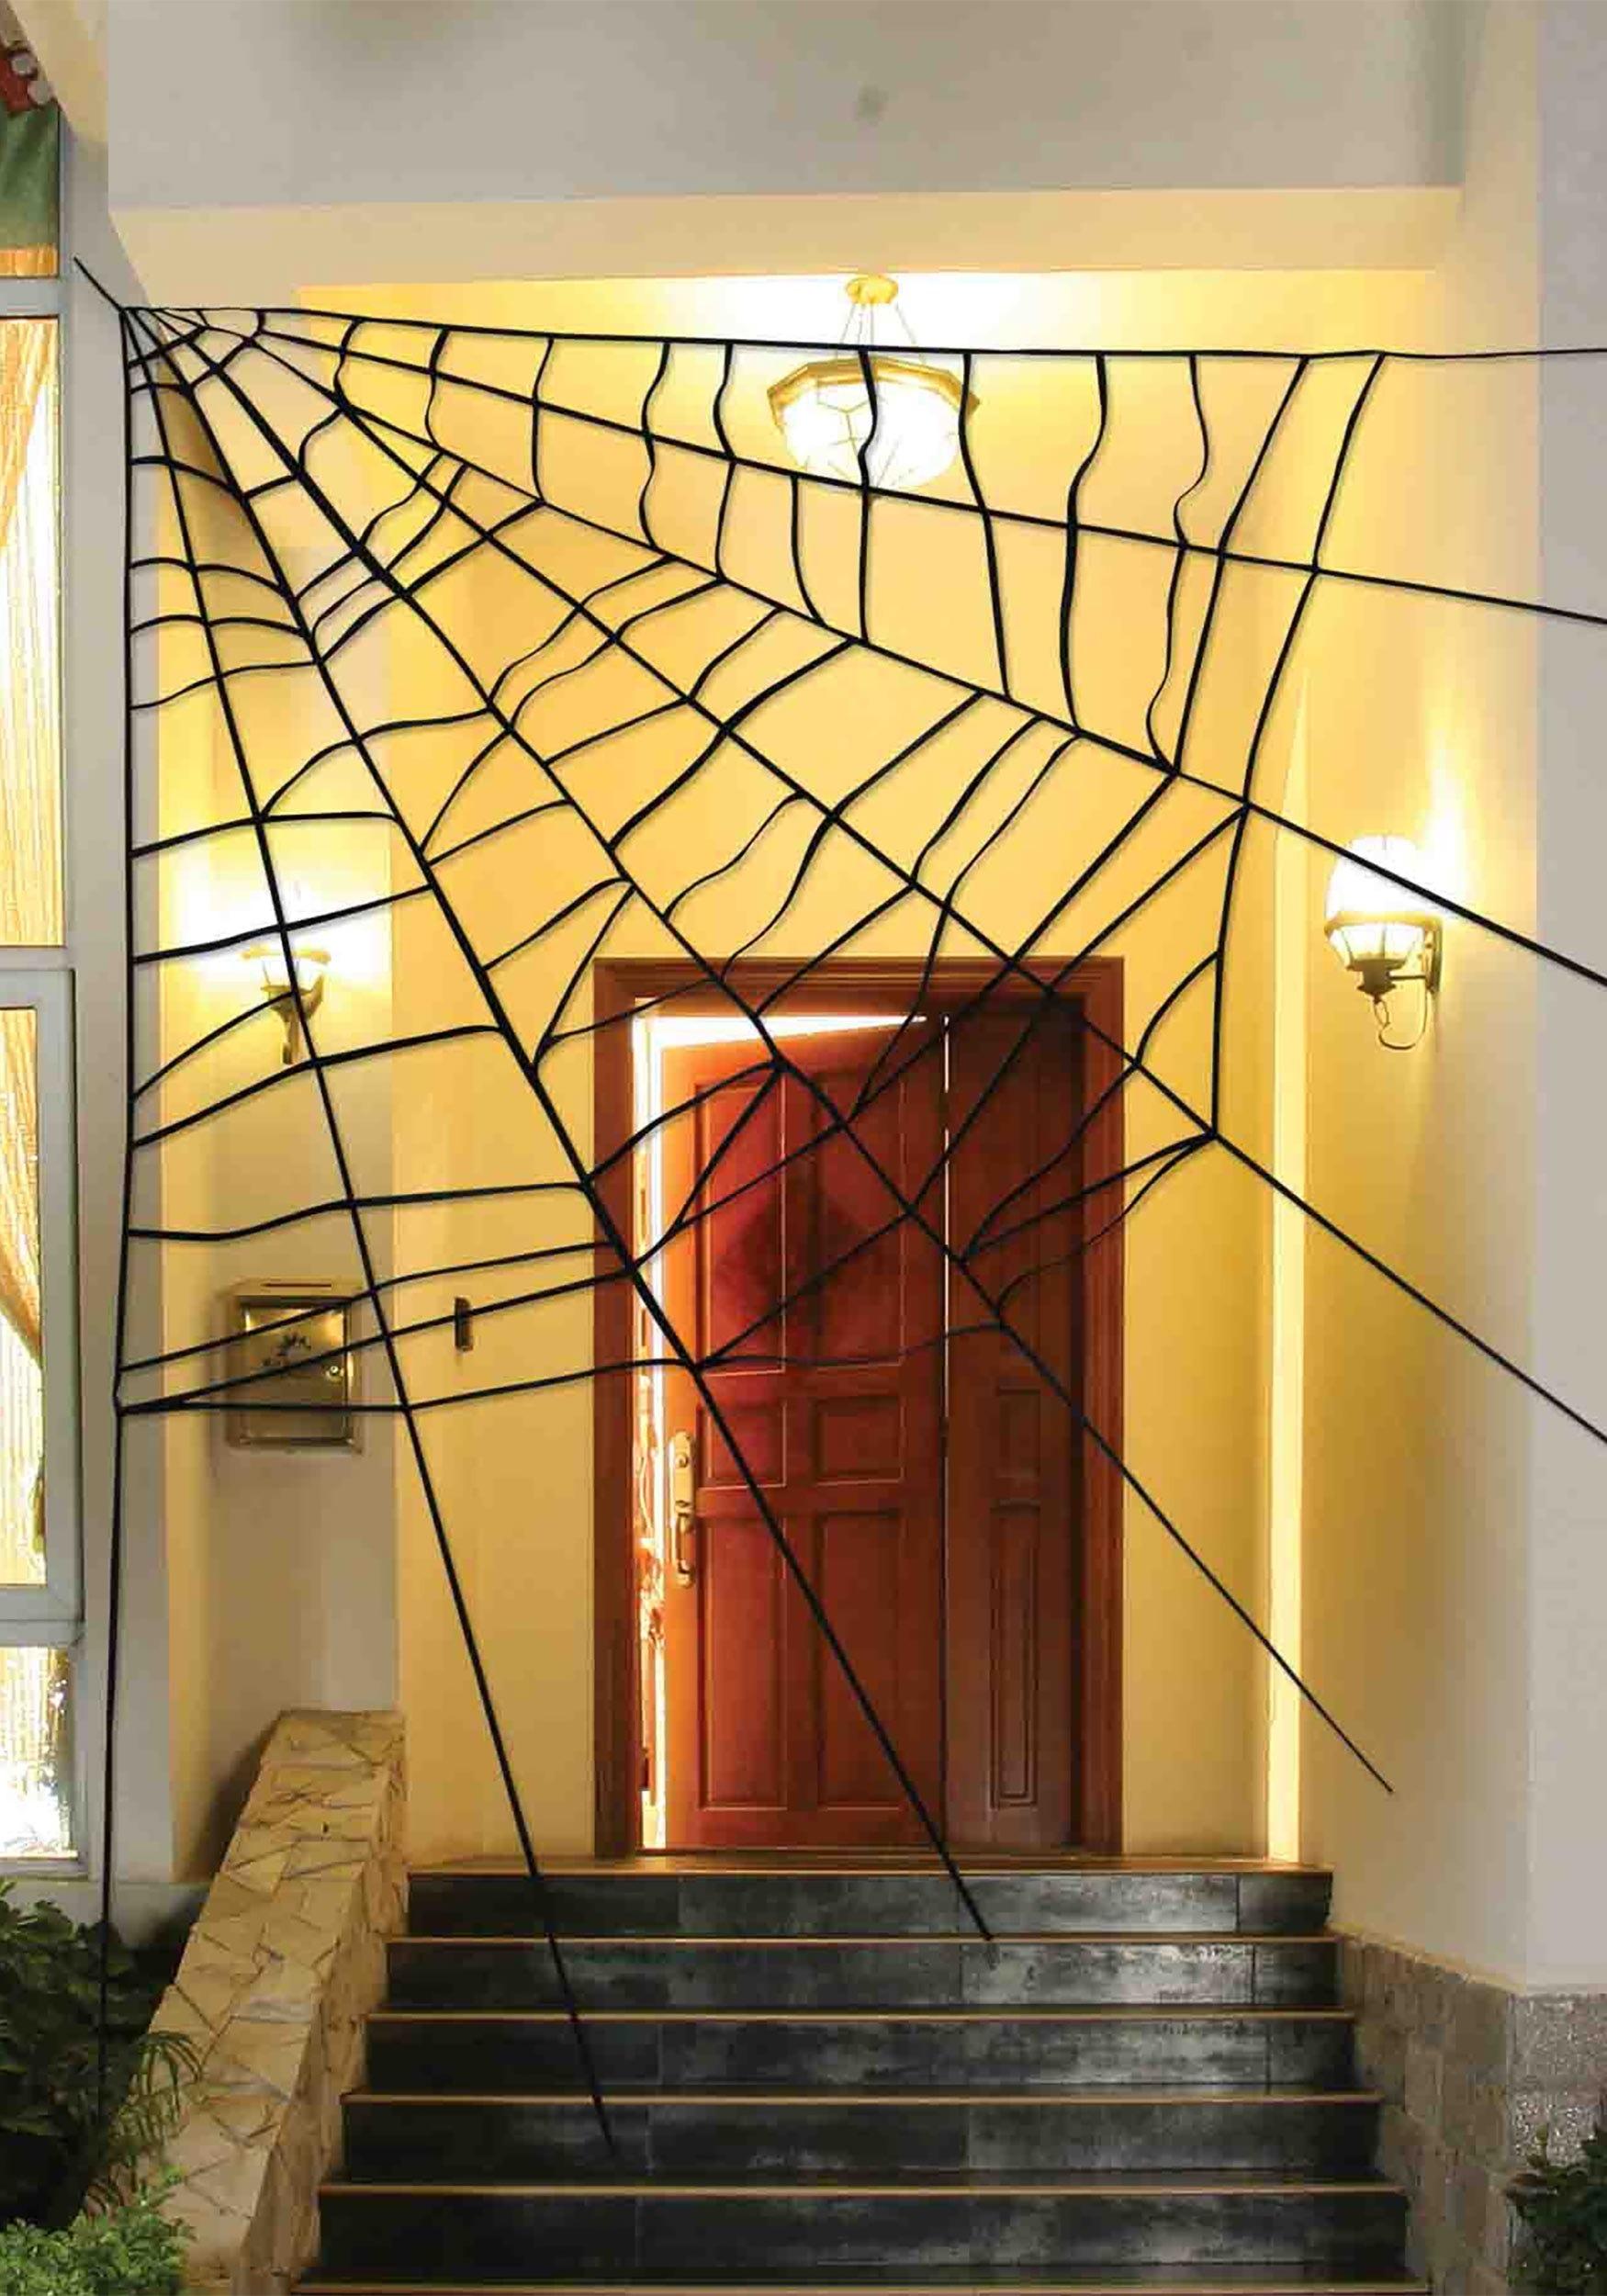 Giant Spiderweb Decoration